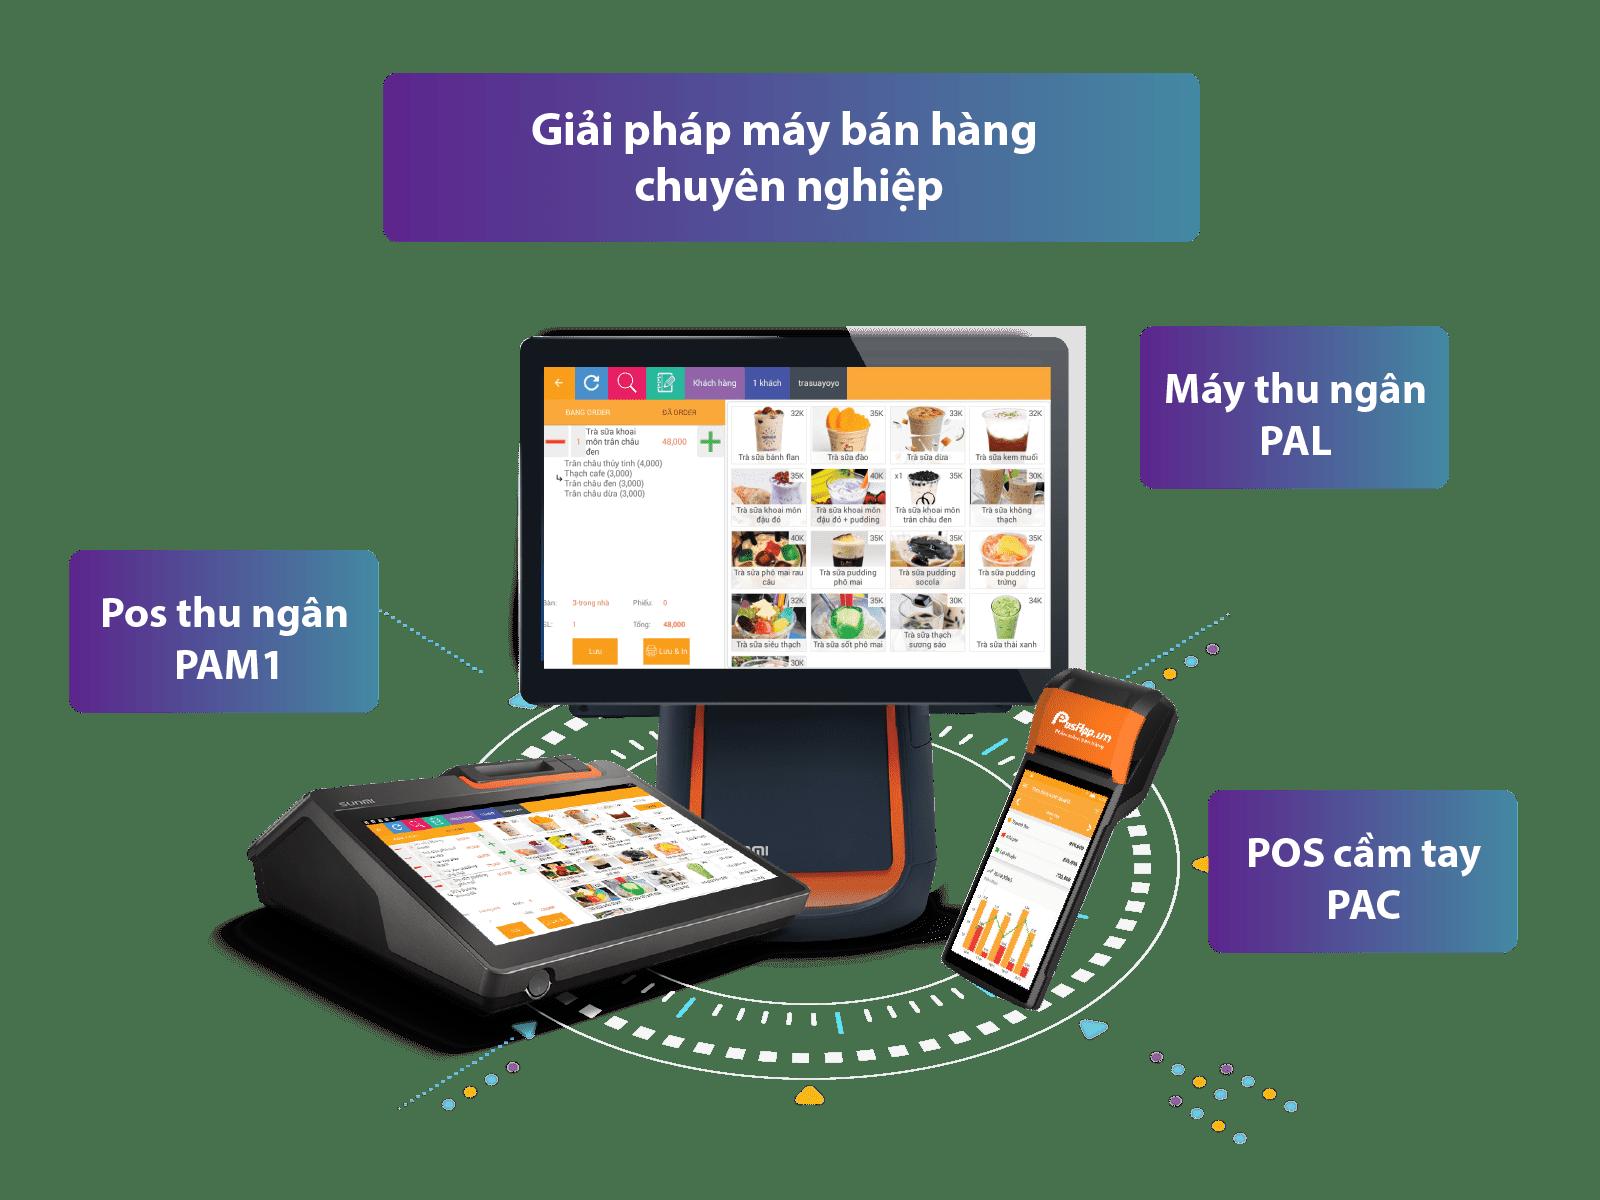 Máy thu ngân order bán hàng cảm ứng chuyên nghiệp   PosApp